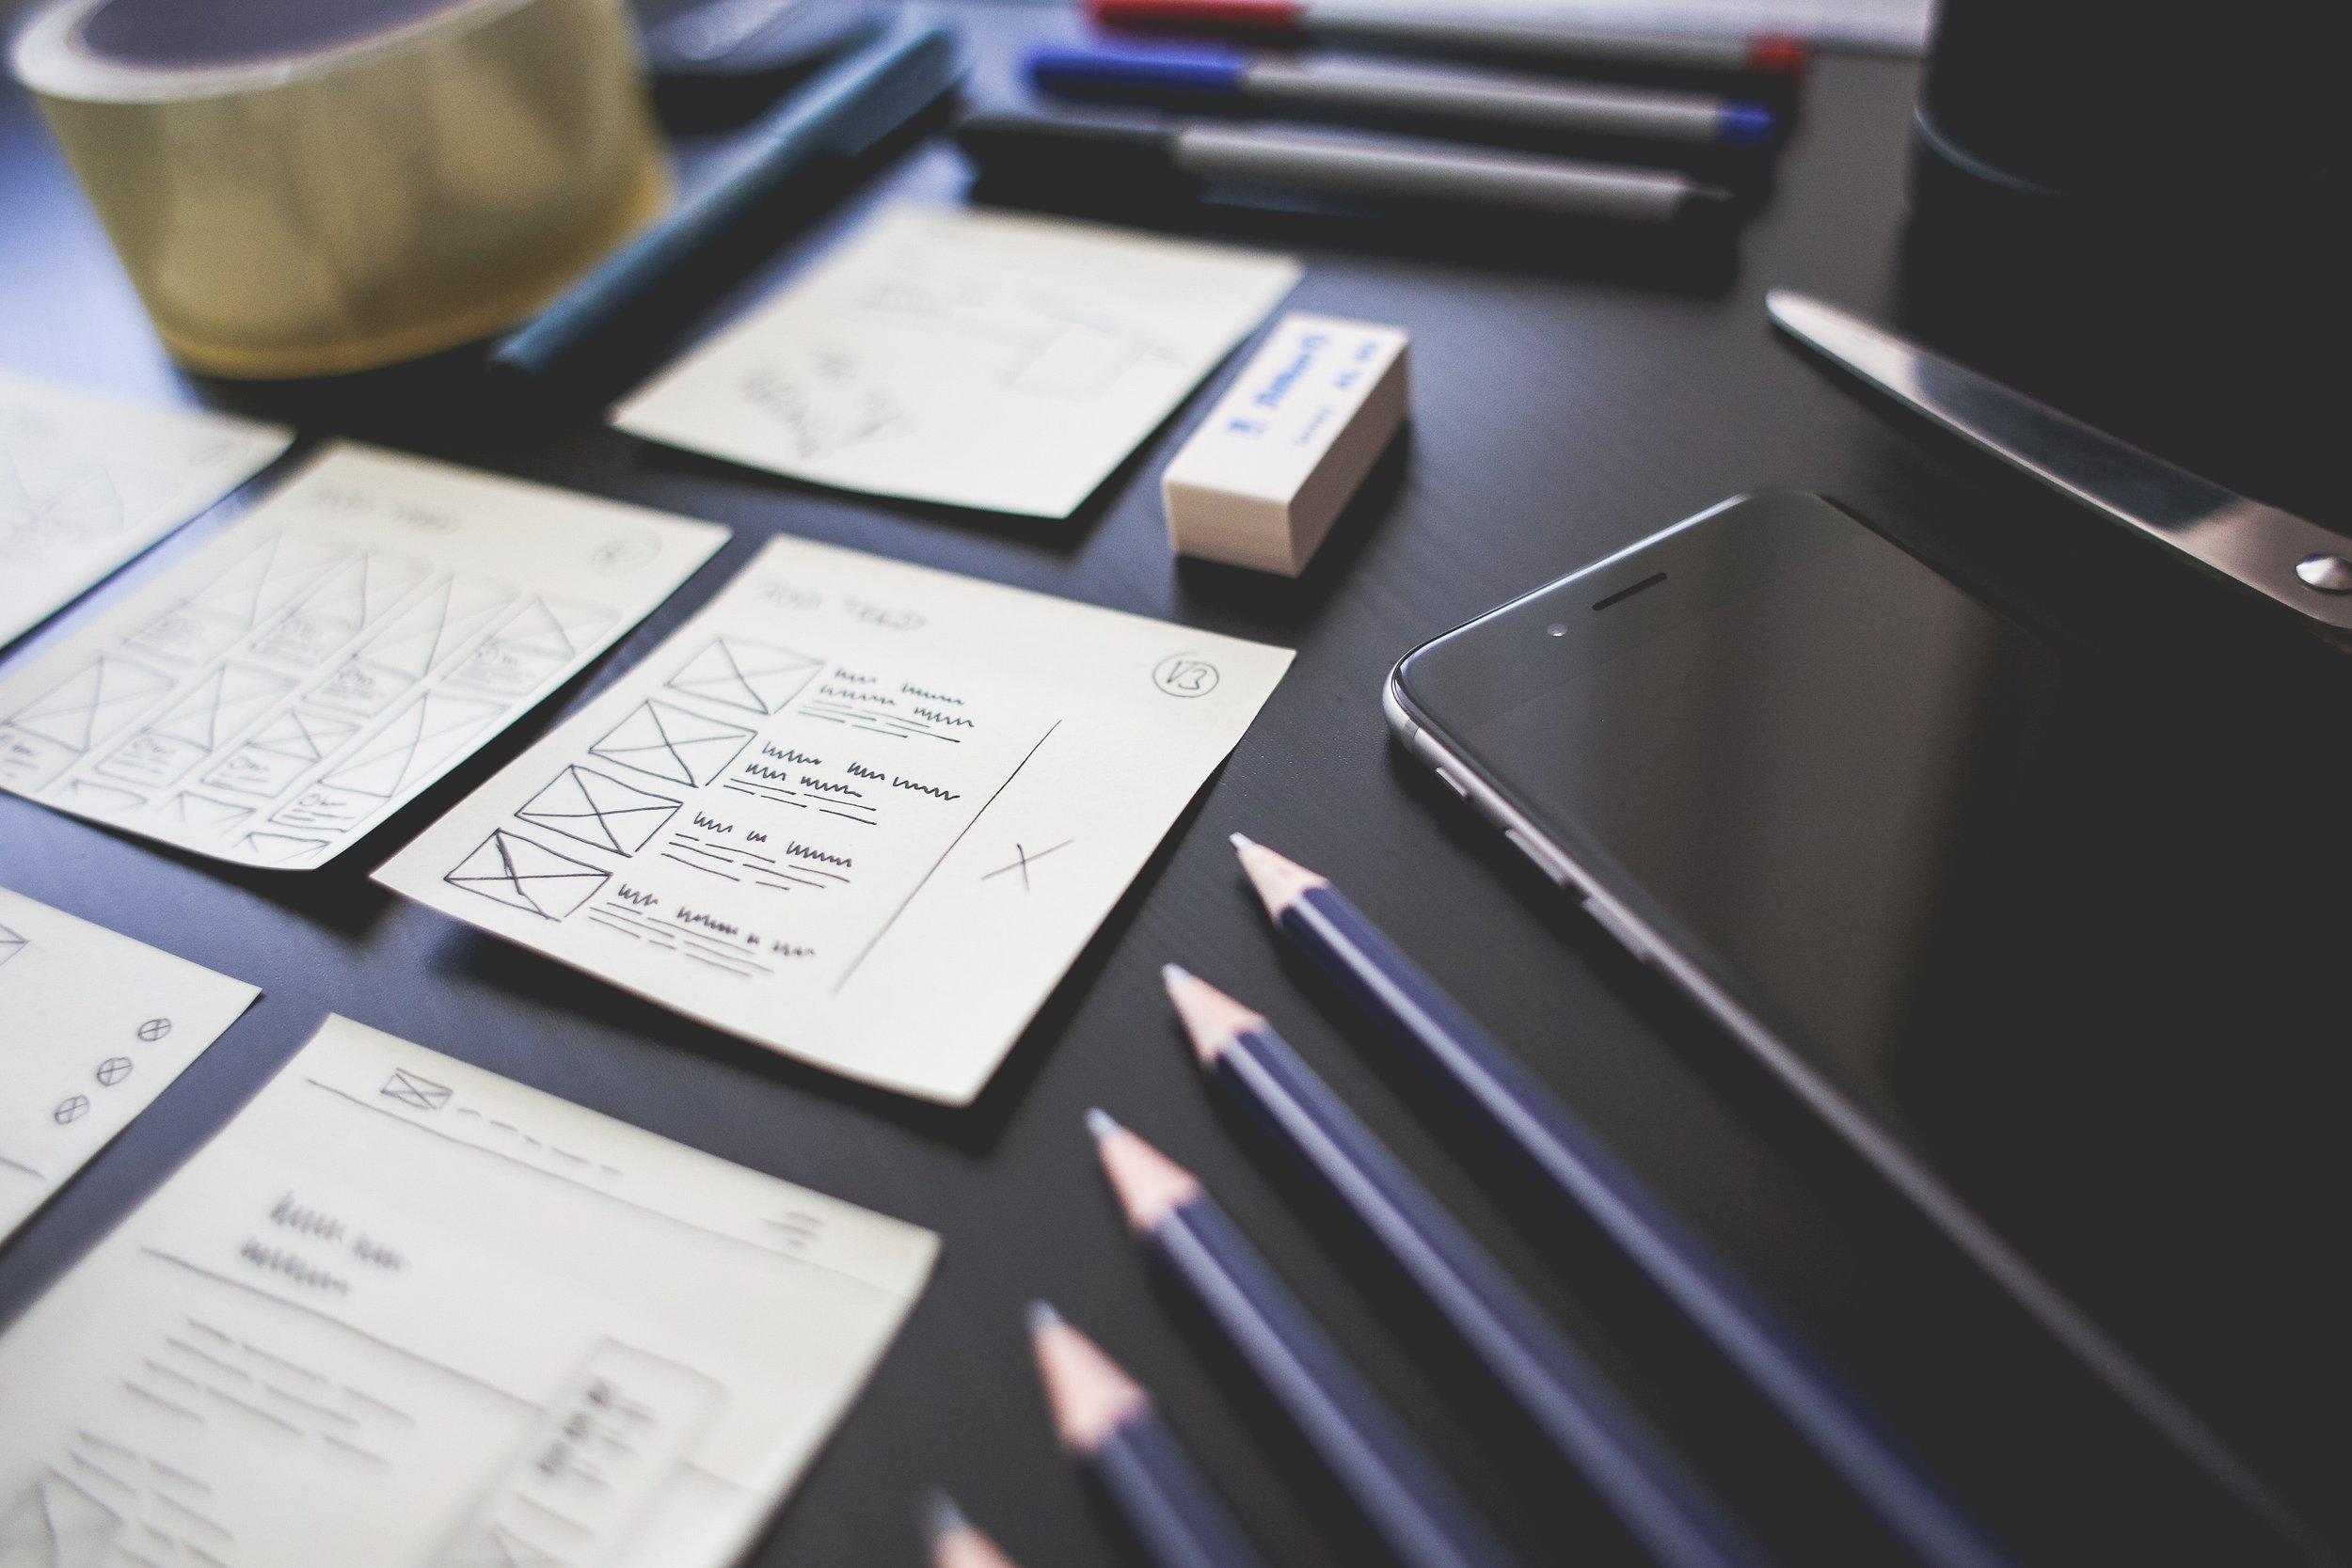 UI/UX + Product Design -